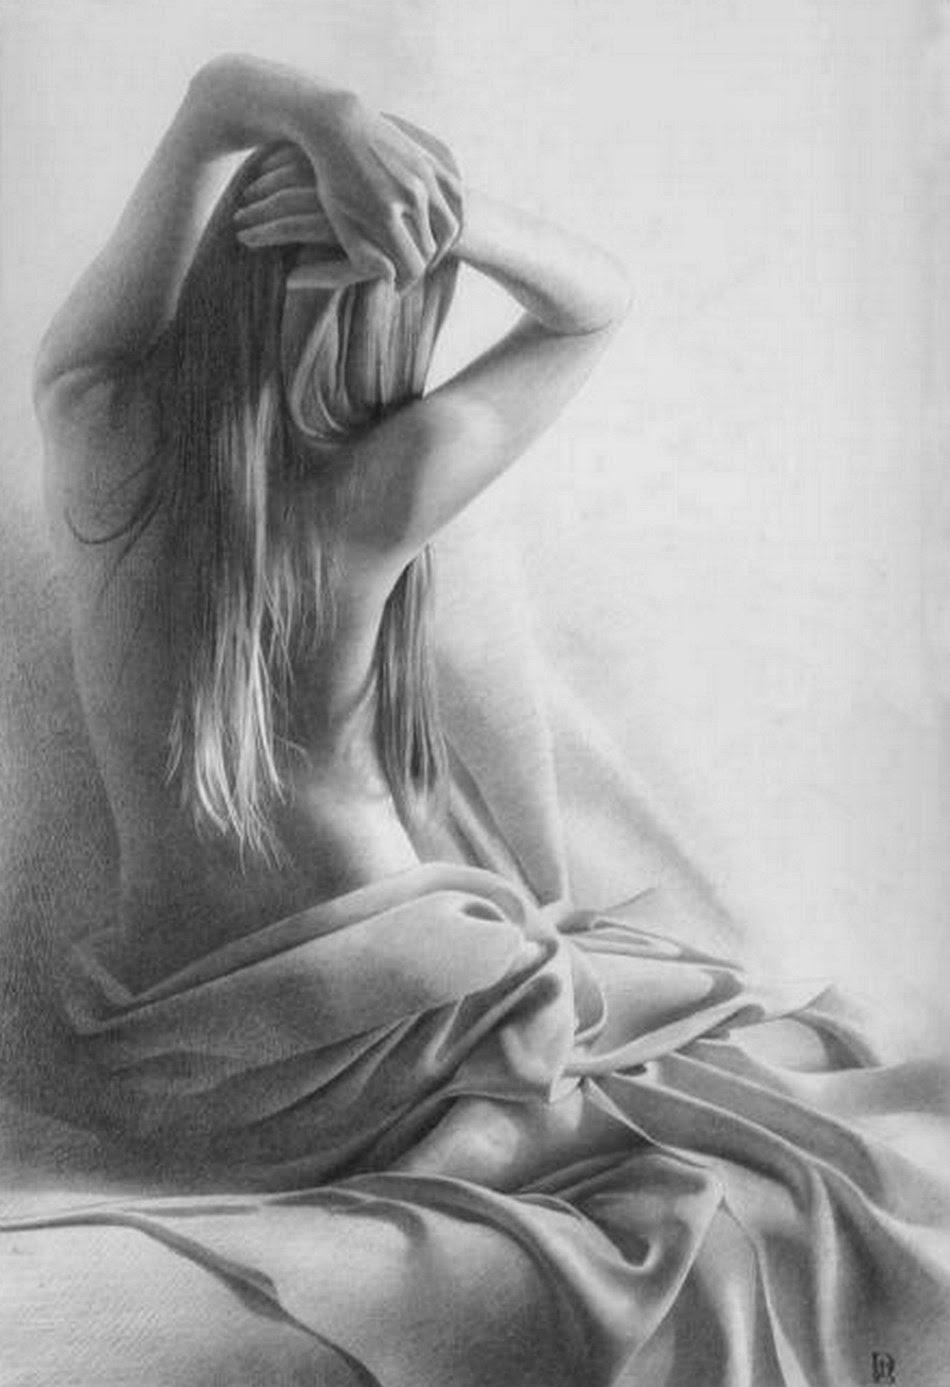 Pintura Moderna Y Fotografía Artística Dibujos De Mujer Lápiz